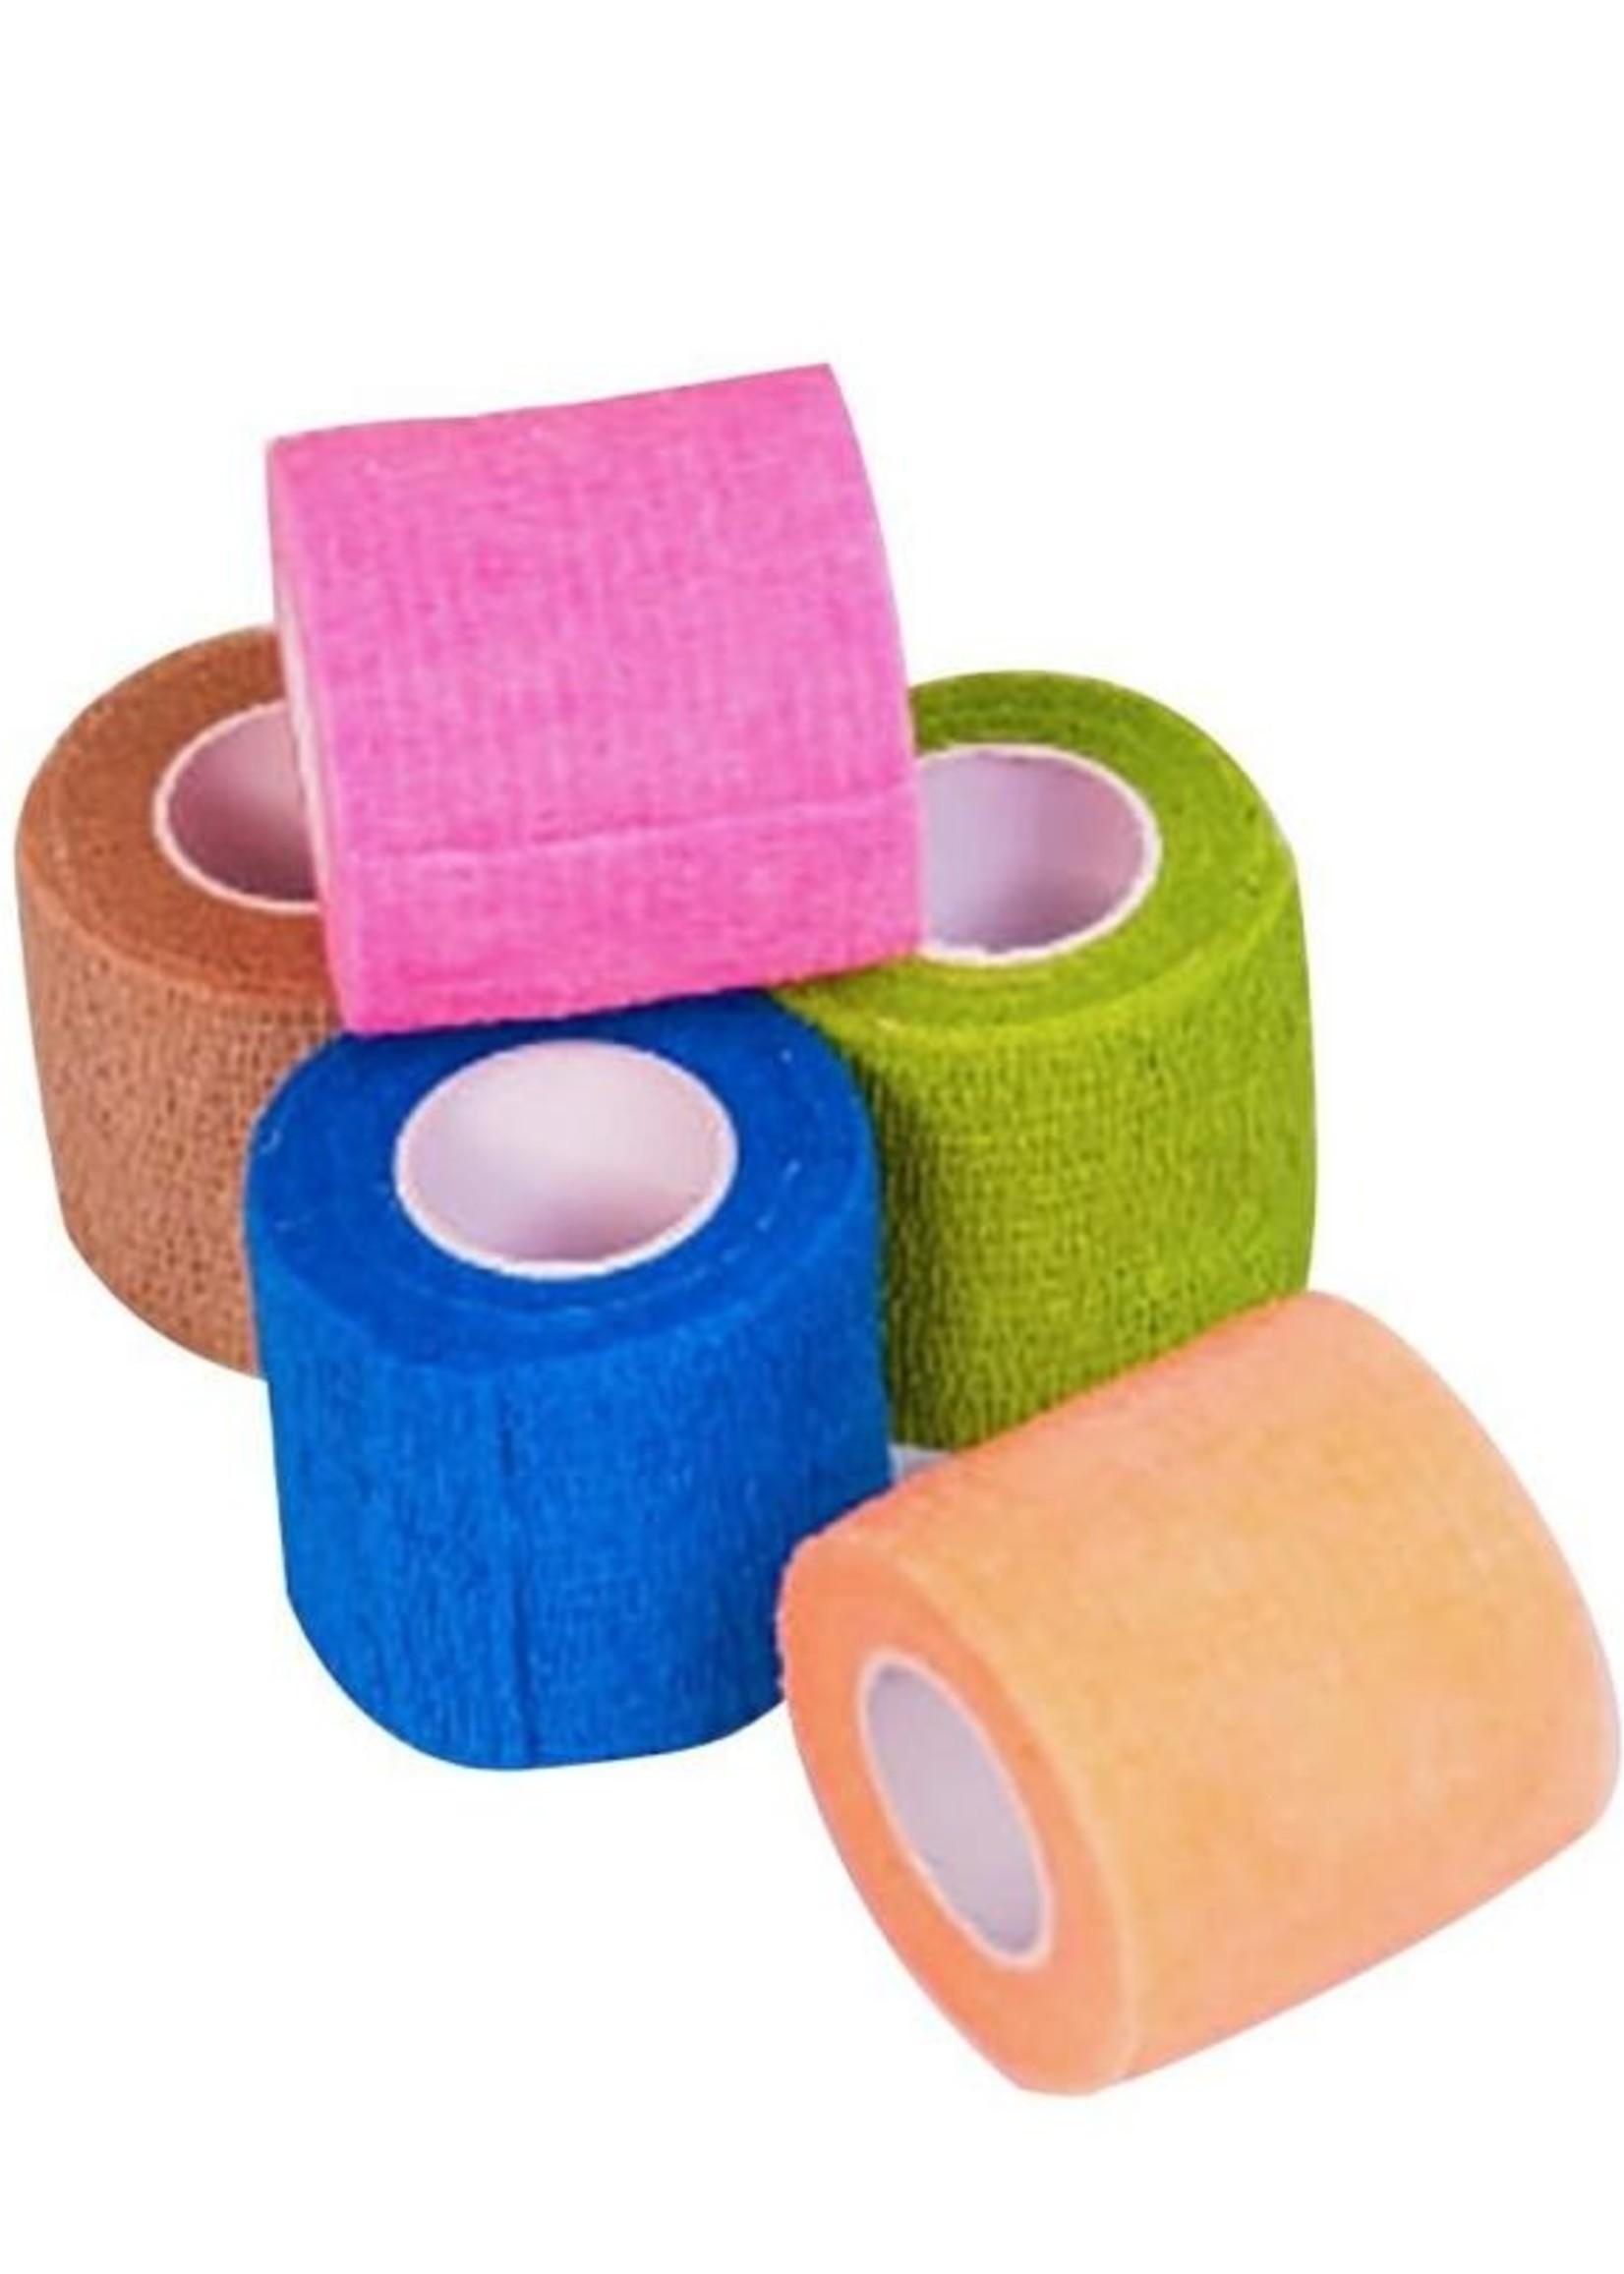 Finger Tape Roll